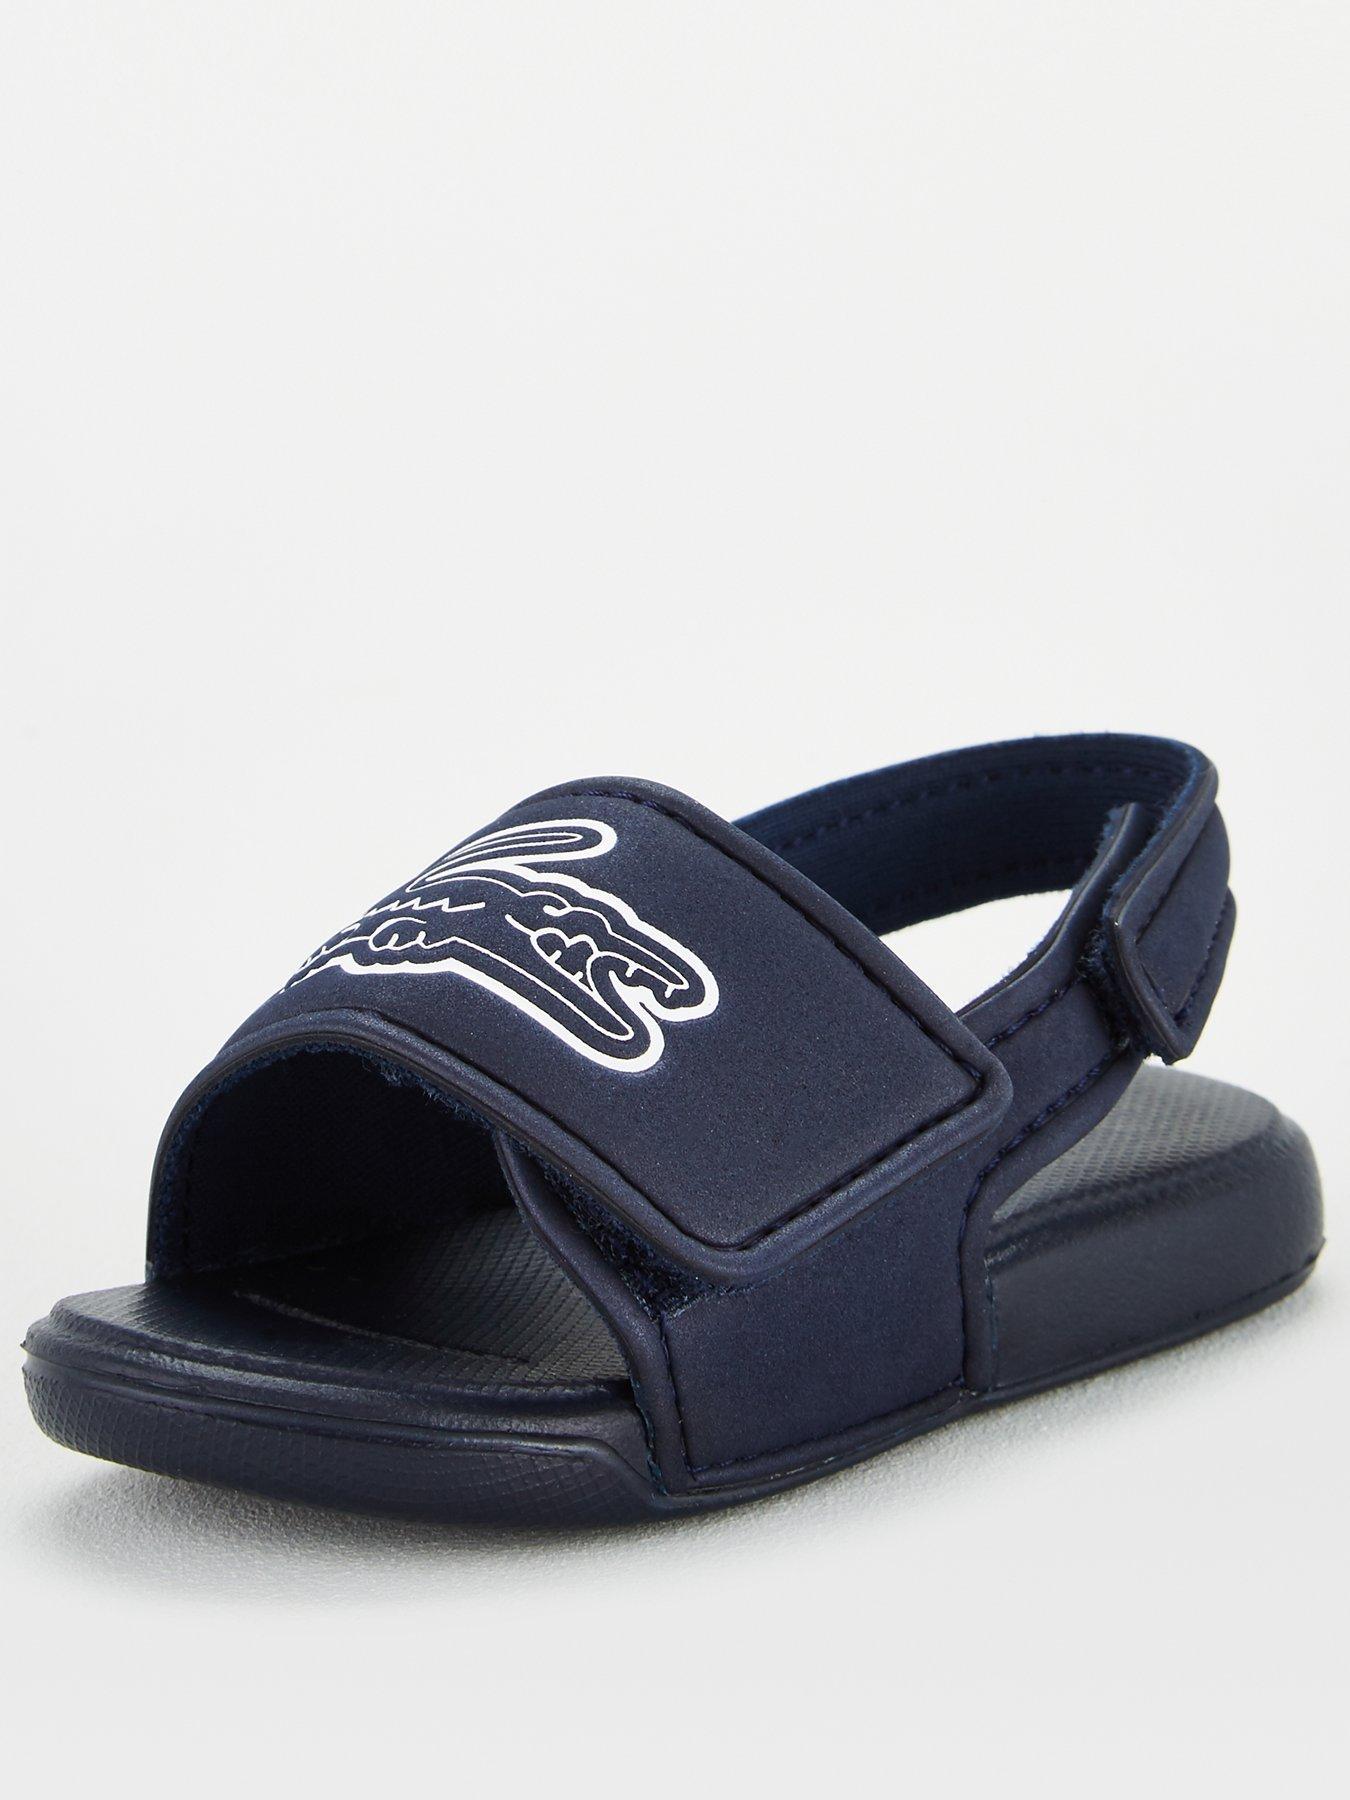 Lacoste   Sandals \u0026 flip flops   Shoes